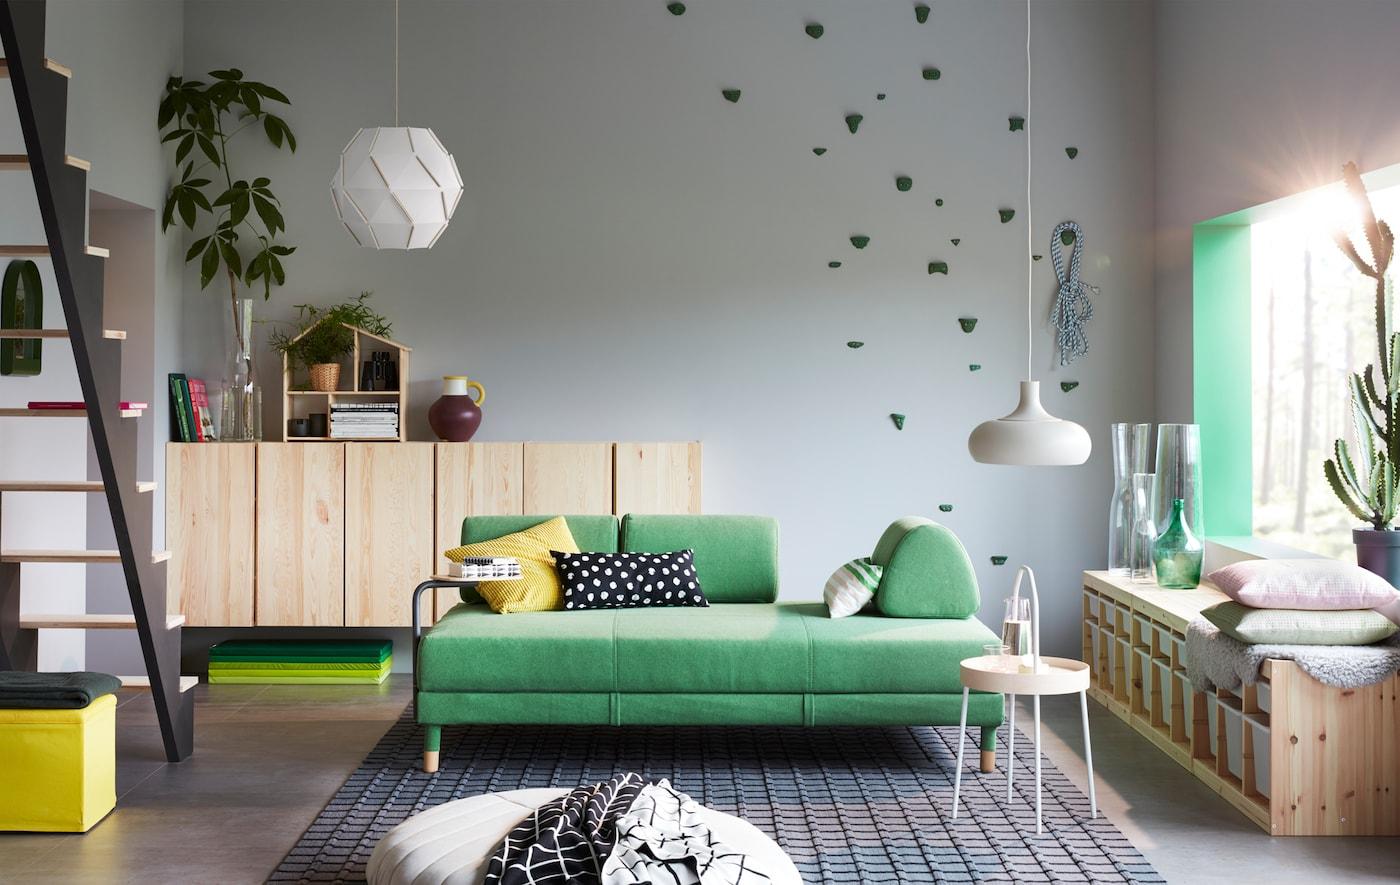 غرفة جلوس تضّم كنبة خضراء، طاولة جانبية وخزائن تخزين.